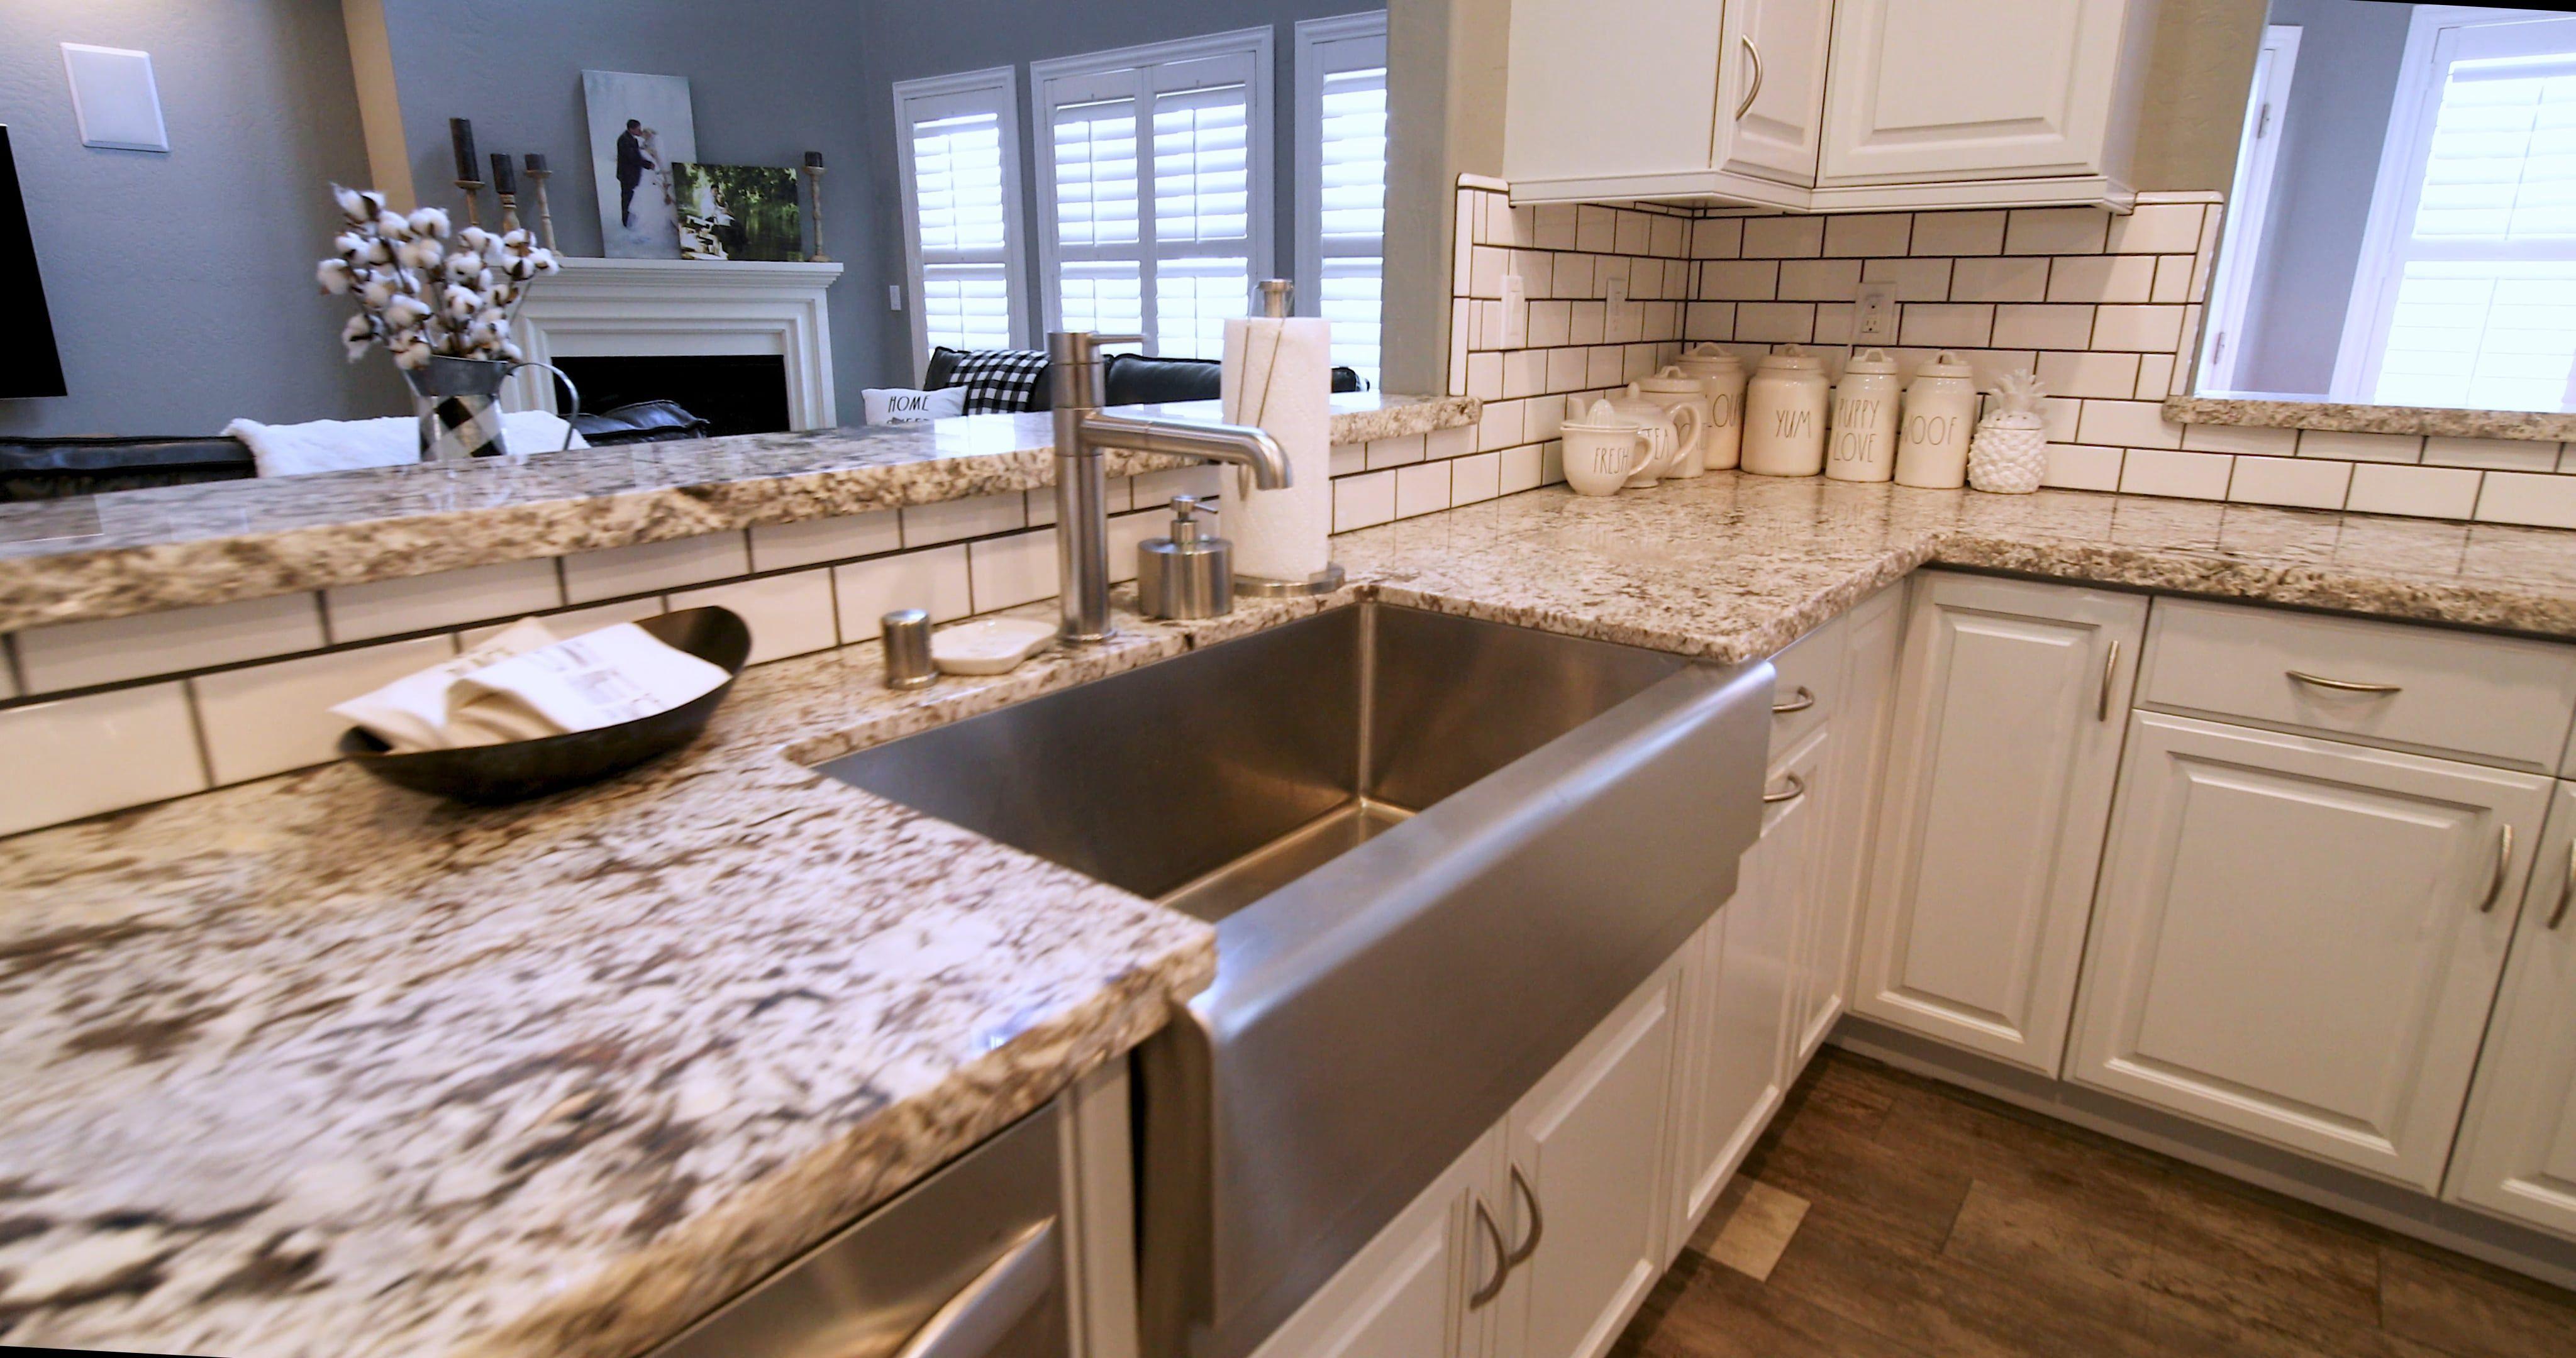 Granite Countertop Supplies 2021 In 2020 Granite Countertops Cheap Granite Countertops Cheap Granite